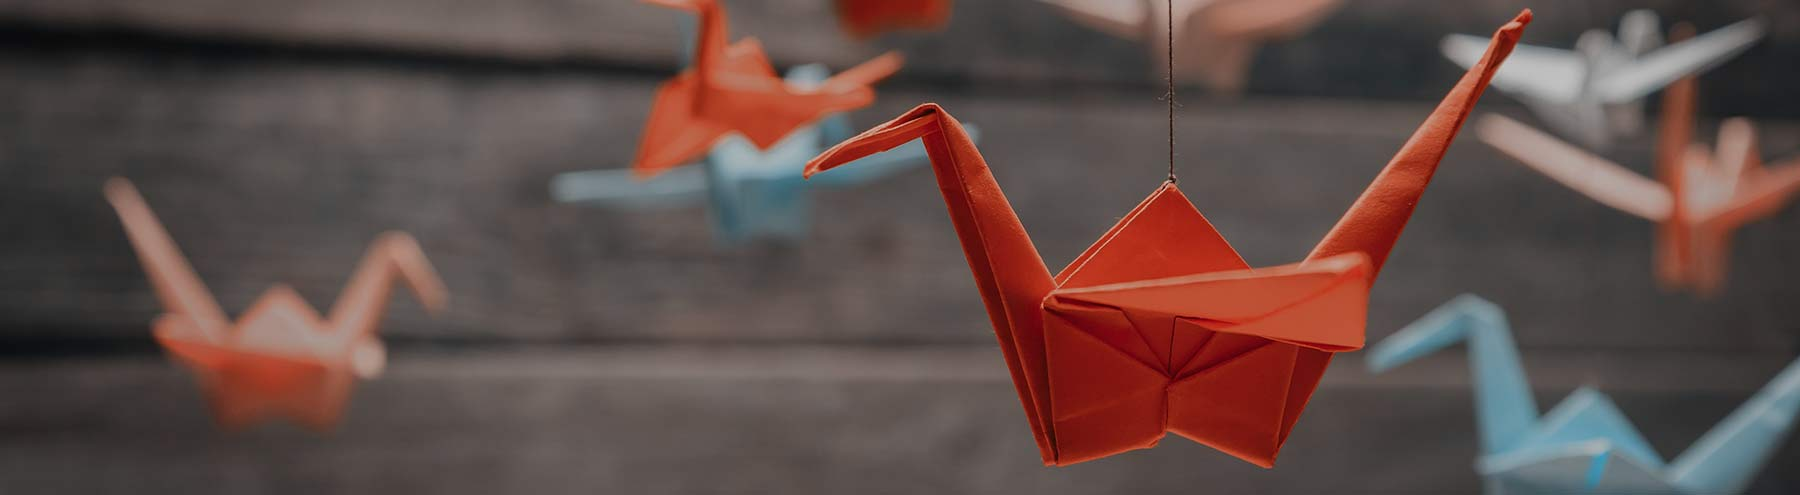 מה הקשר בין פרה, מדפסת דיגיטלית ואוריגמי?